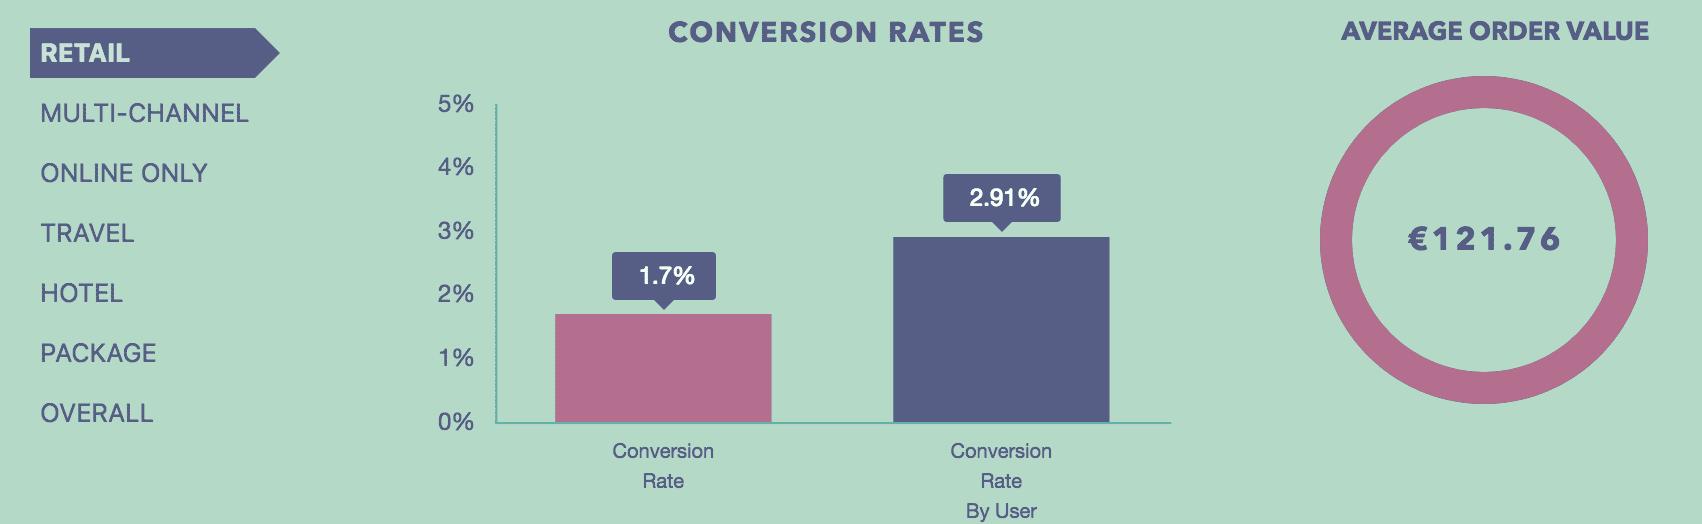 Współczynnik konwersji - wizyta vs użytkownik